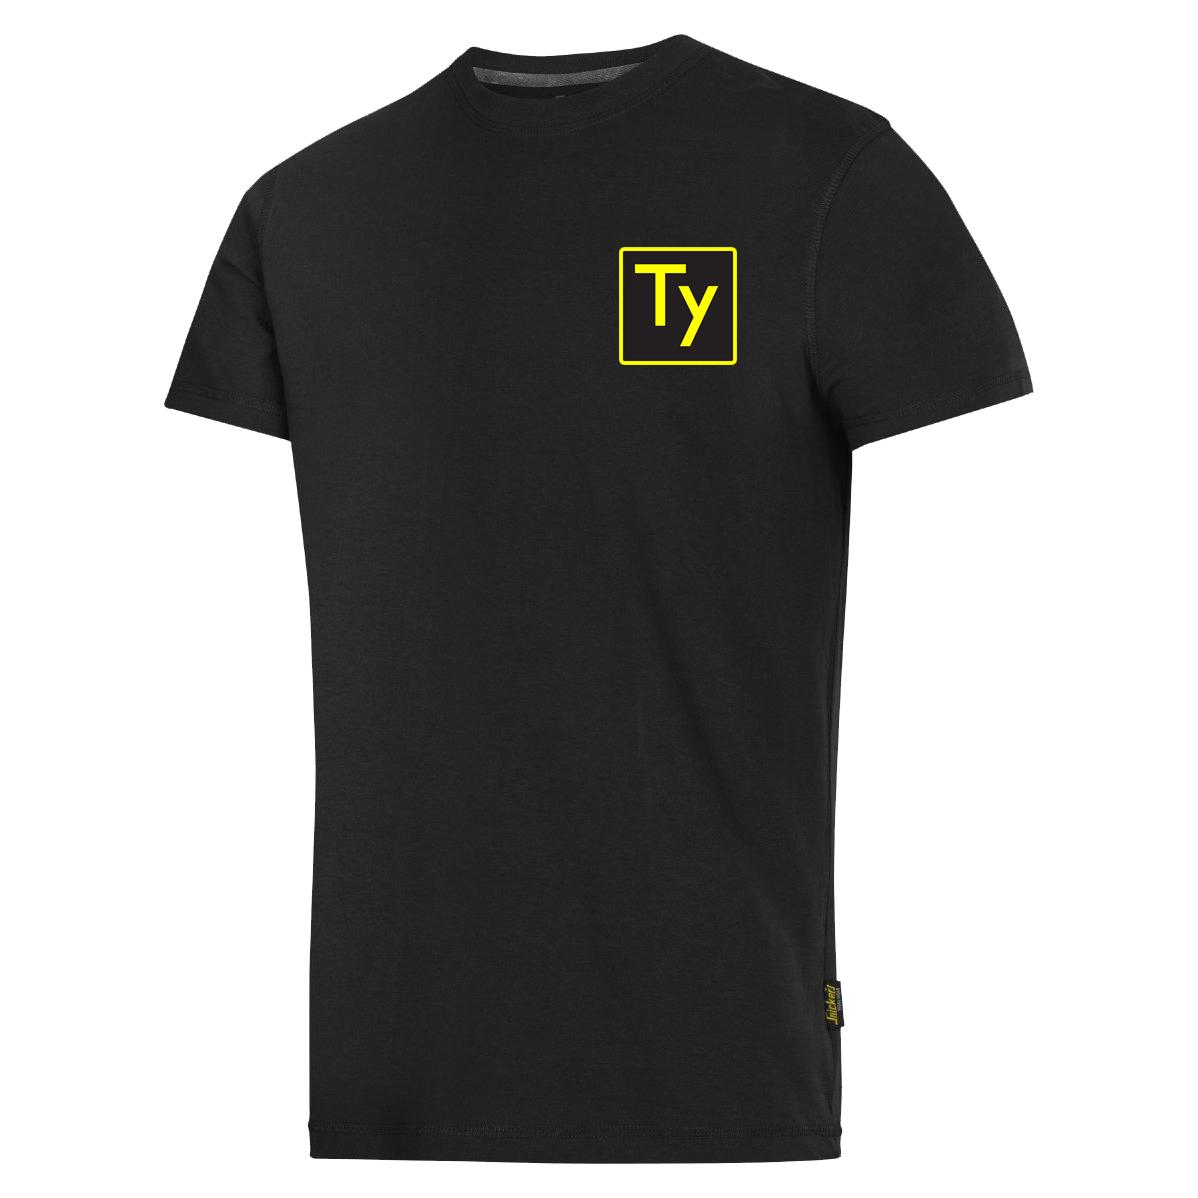 TY Merchandise